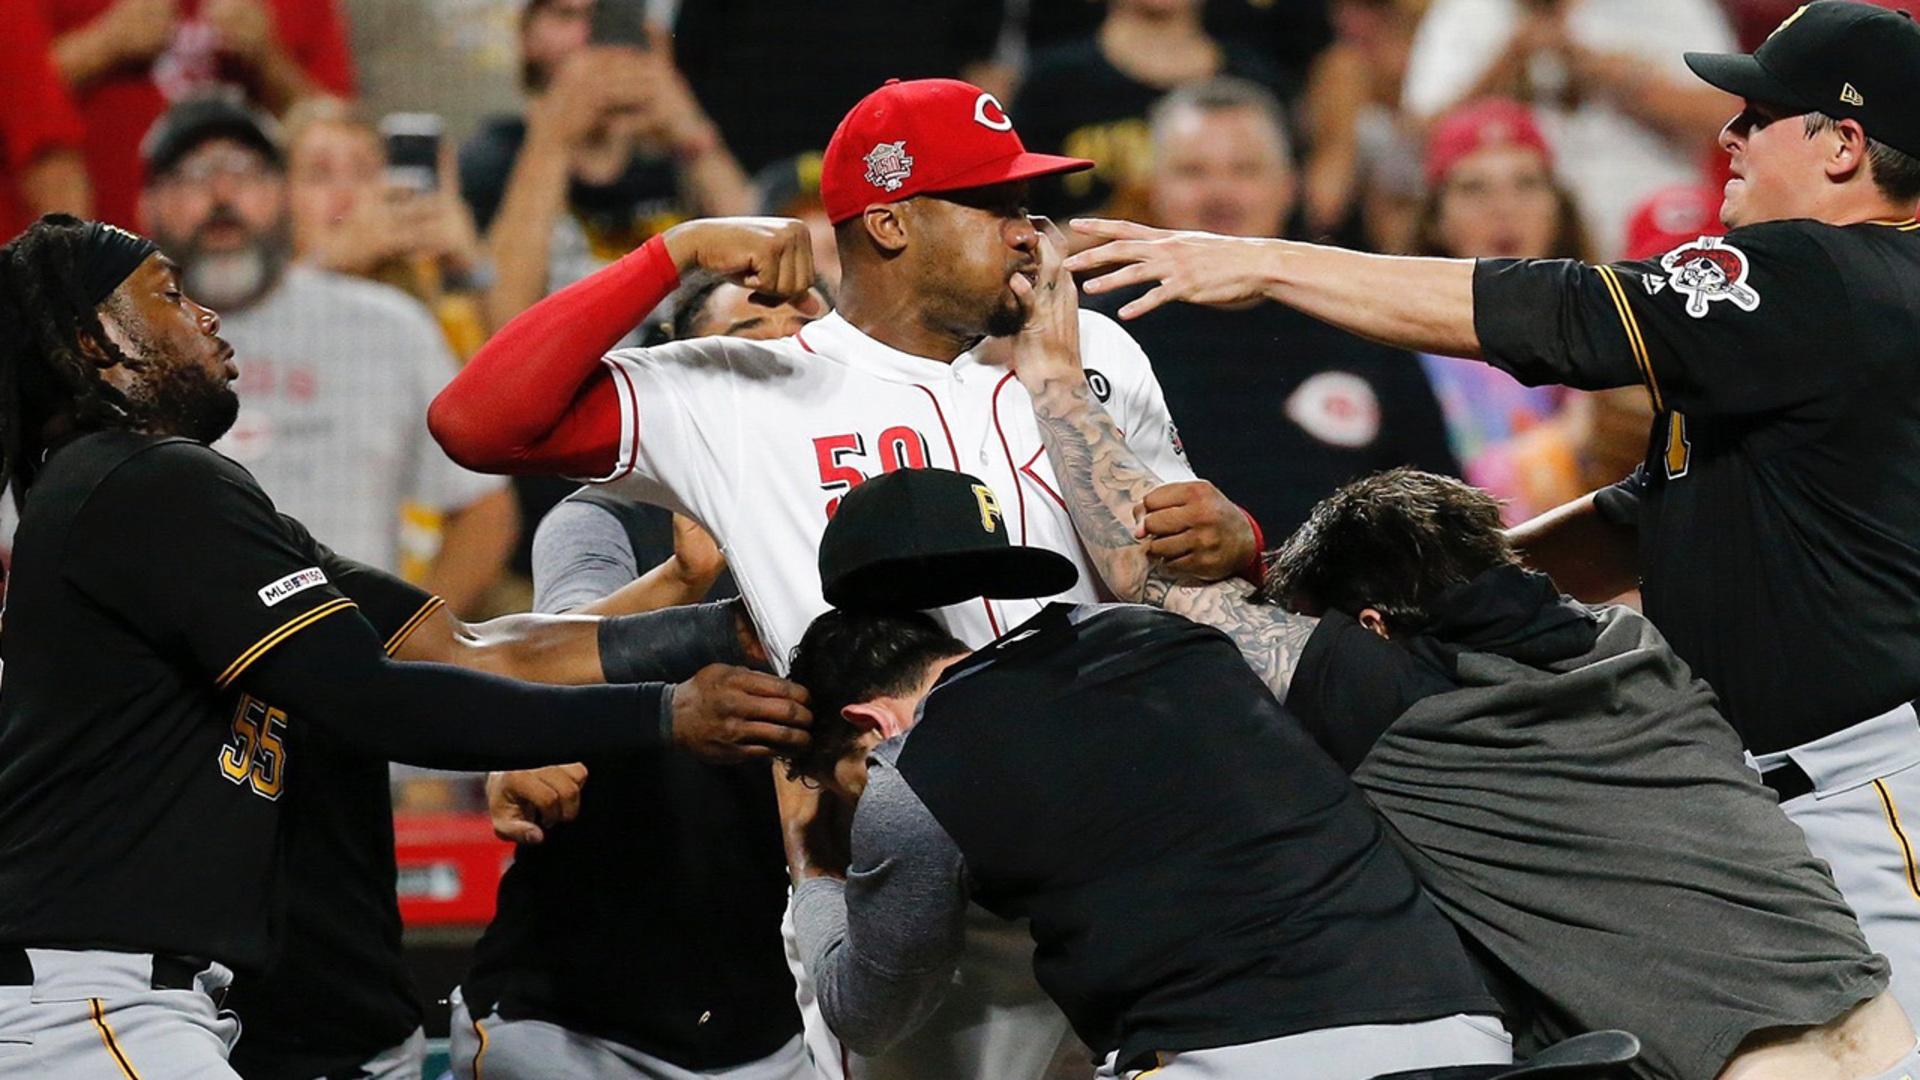 Reds Amir Garrett Fights ENTIRE Pirates Team In INSANE Bench Clearing BRAWL!